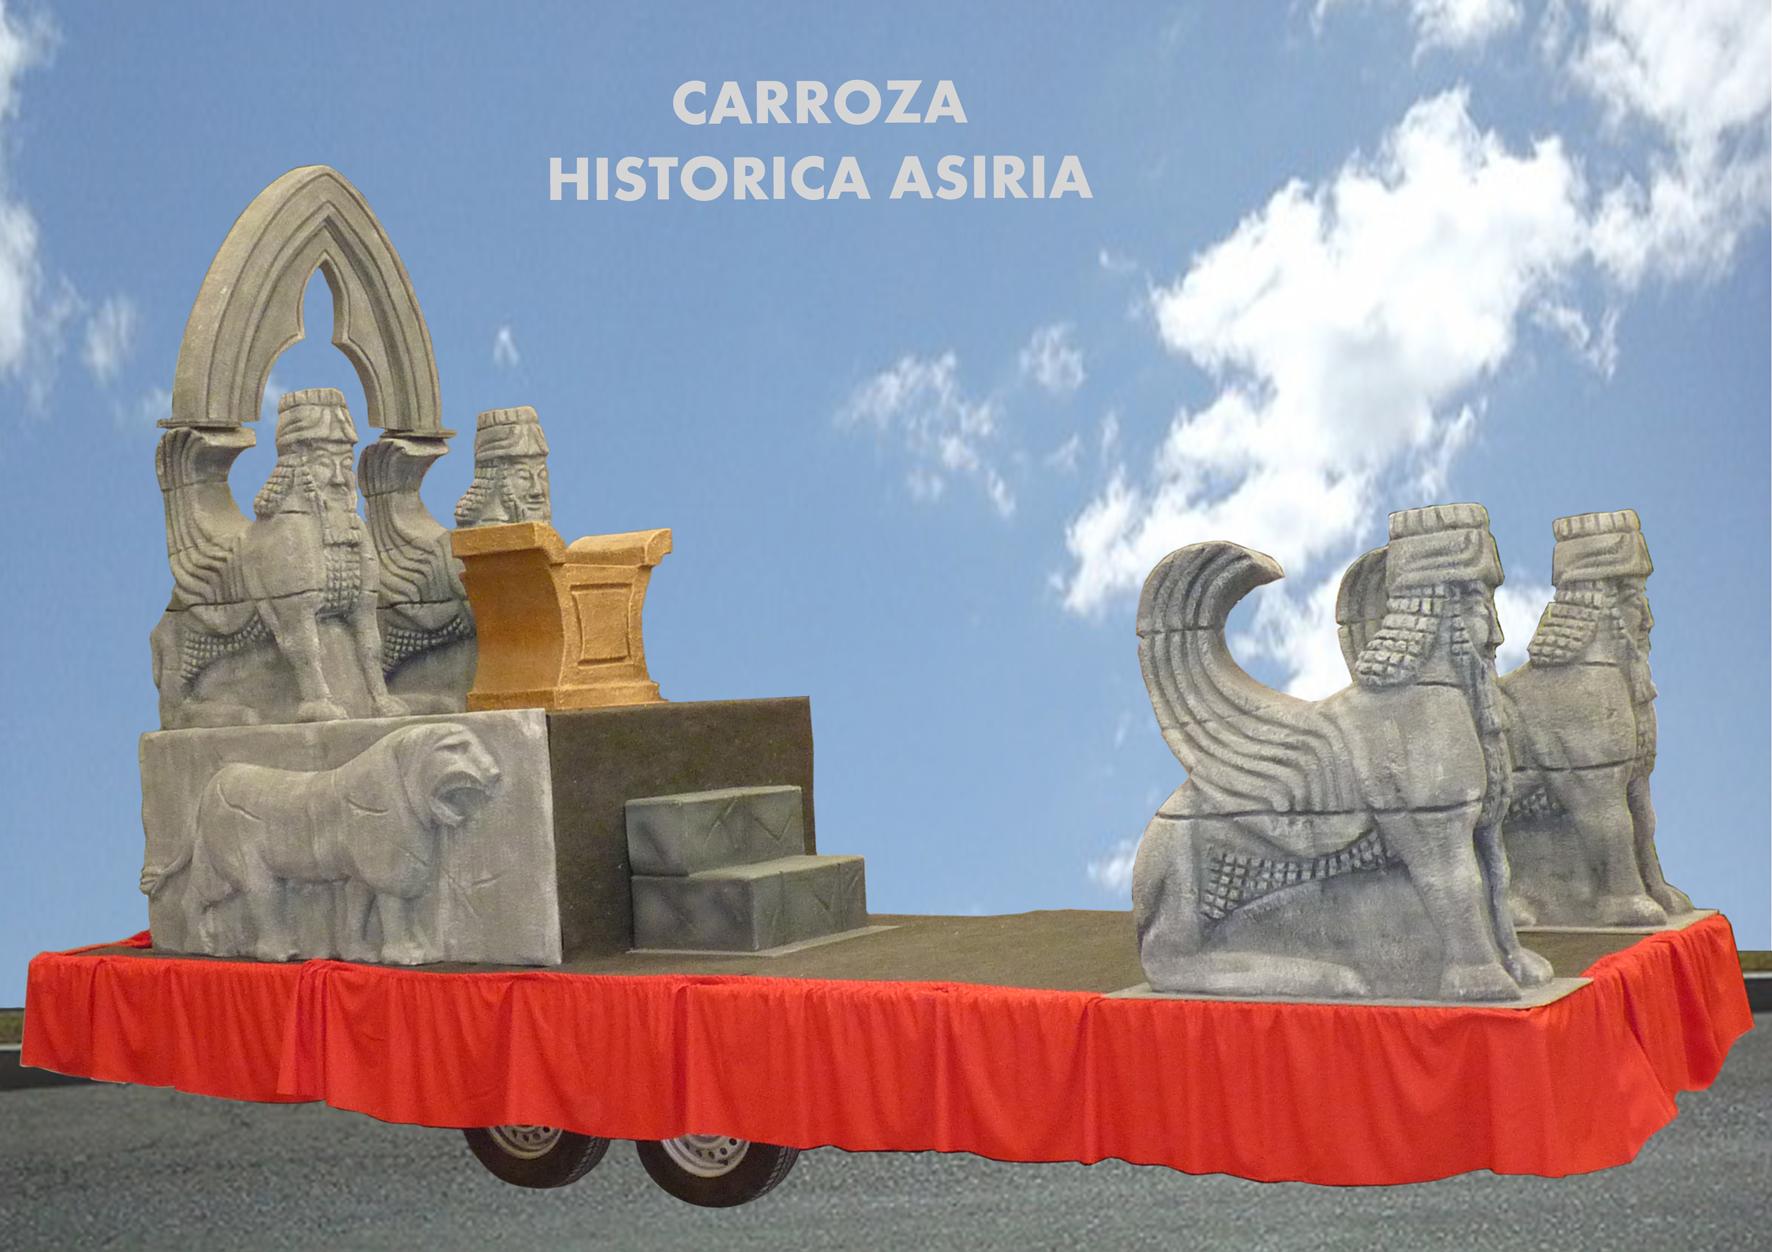 Carroza toros asirios